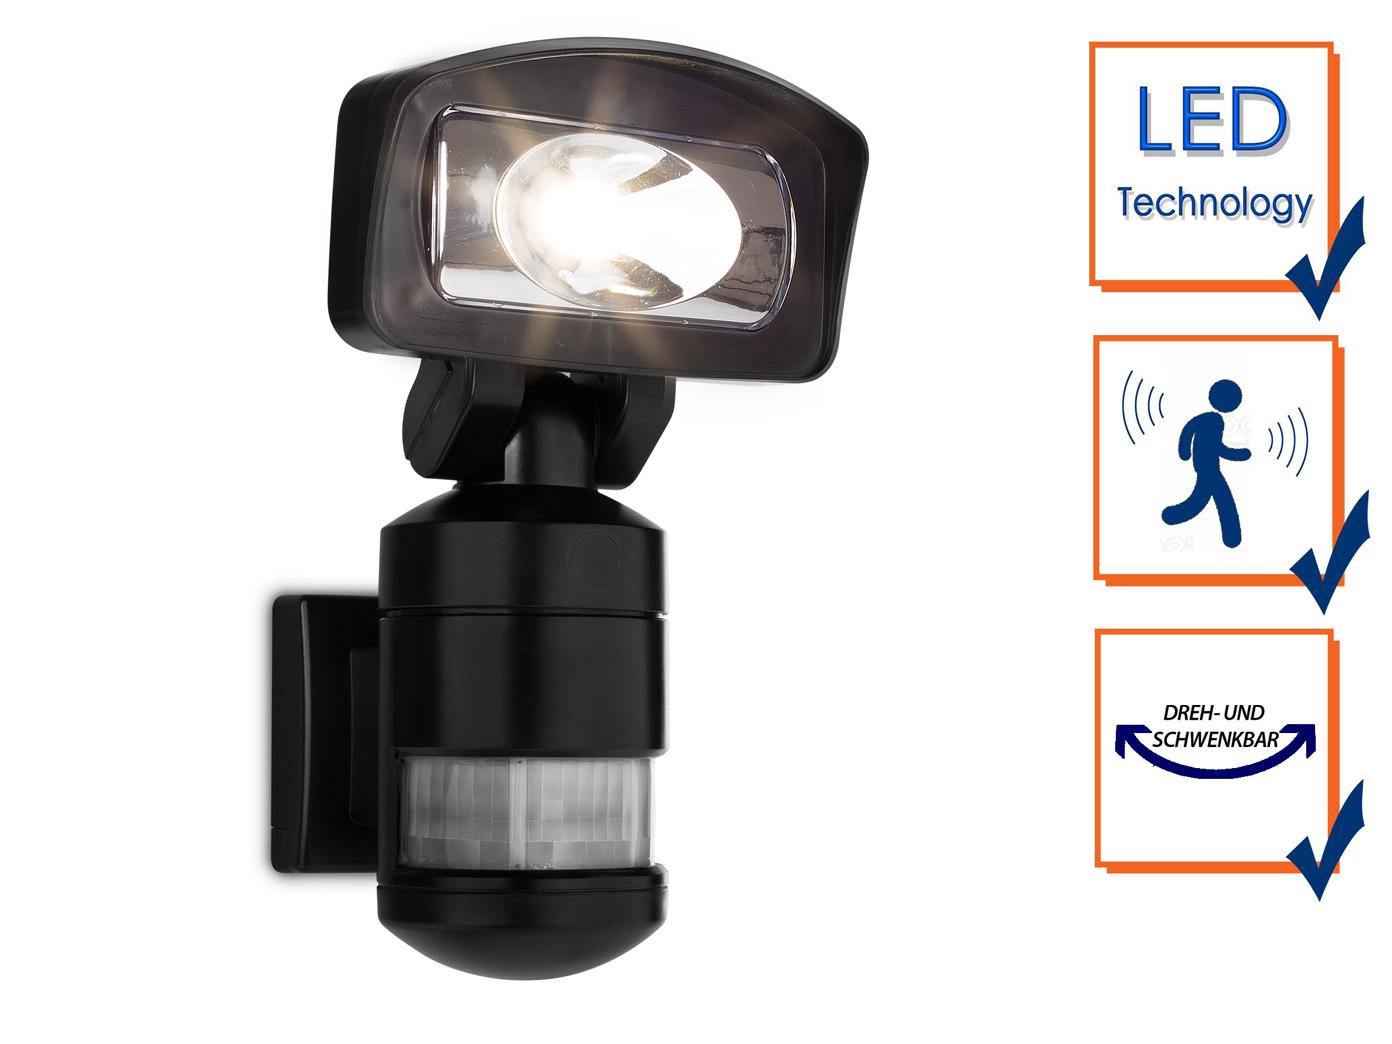 Smartwares Sicherheitsleuchte LED Wandfluter mit Bewegungsmelder & -verfolgung